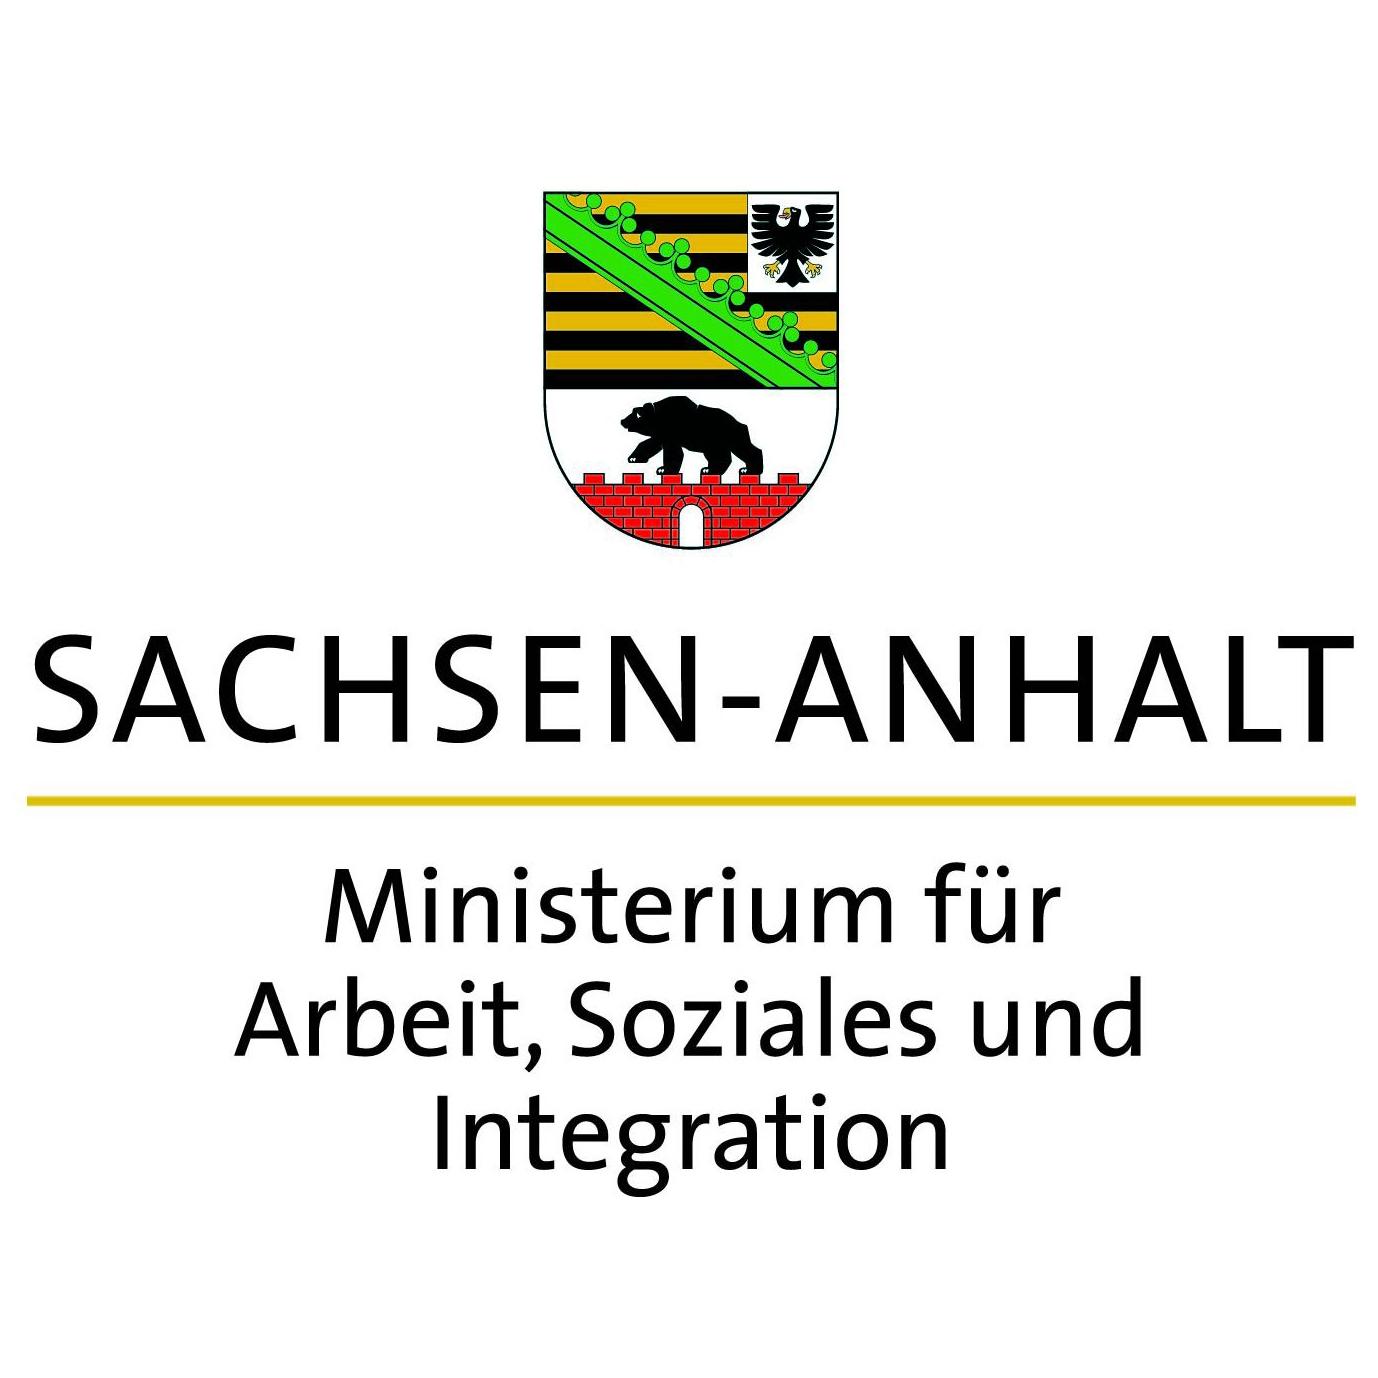 ministerium-fuer-arbeit-soziales-integration_2